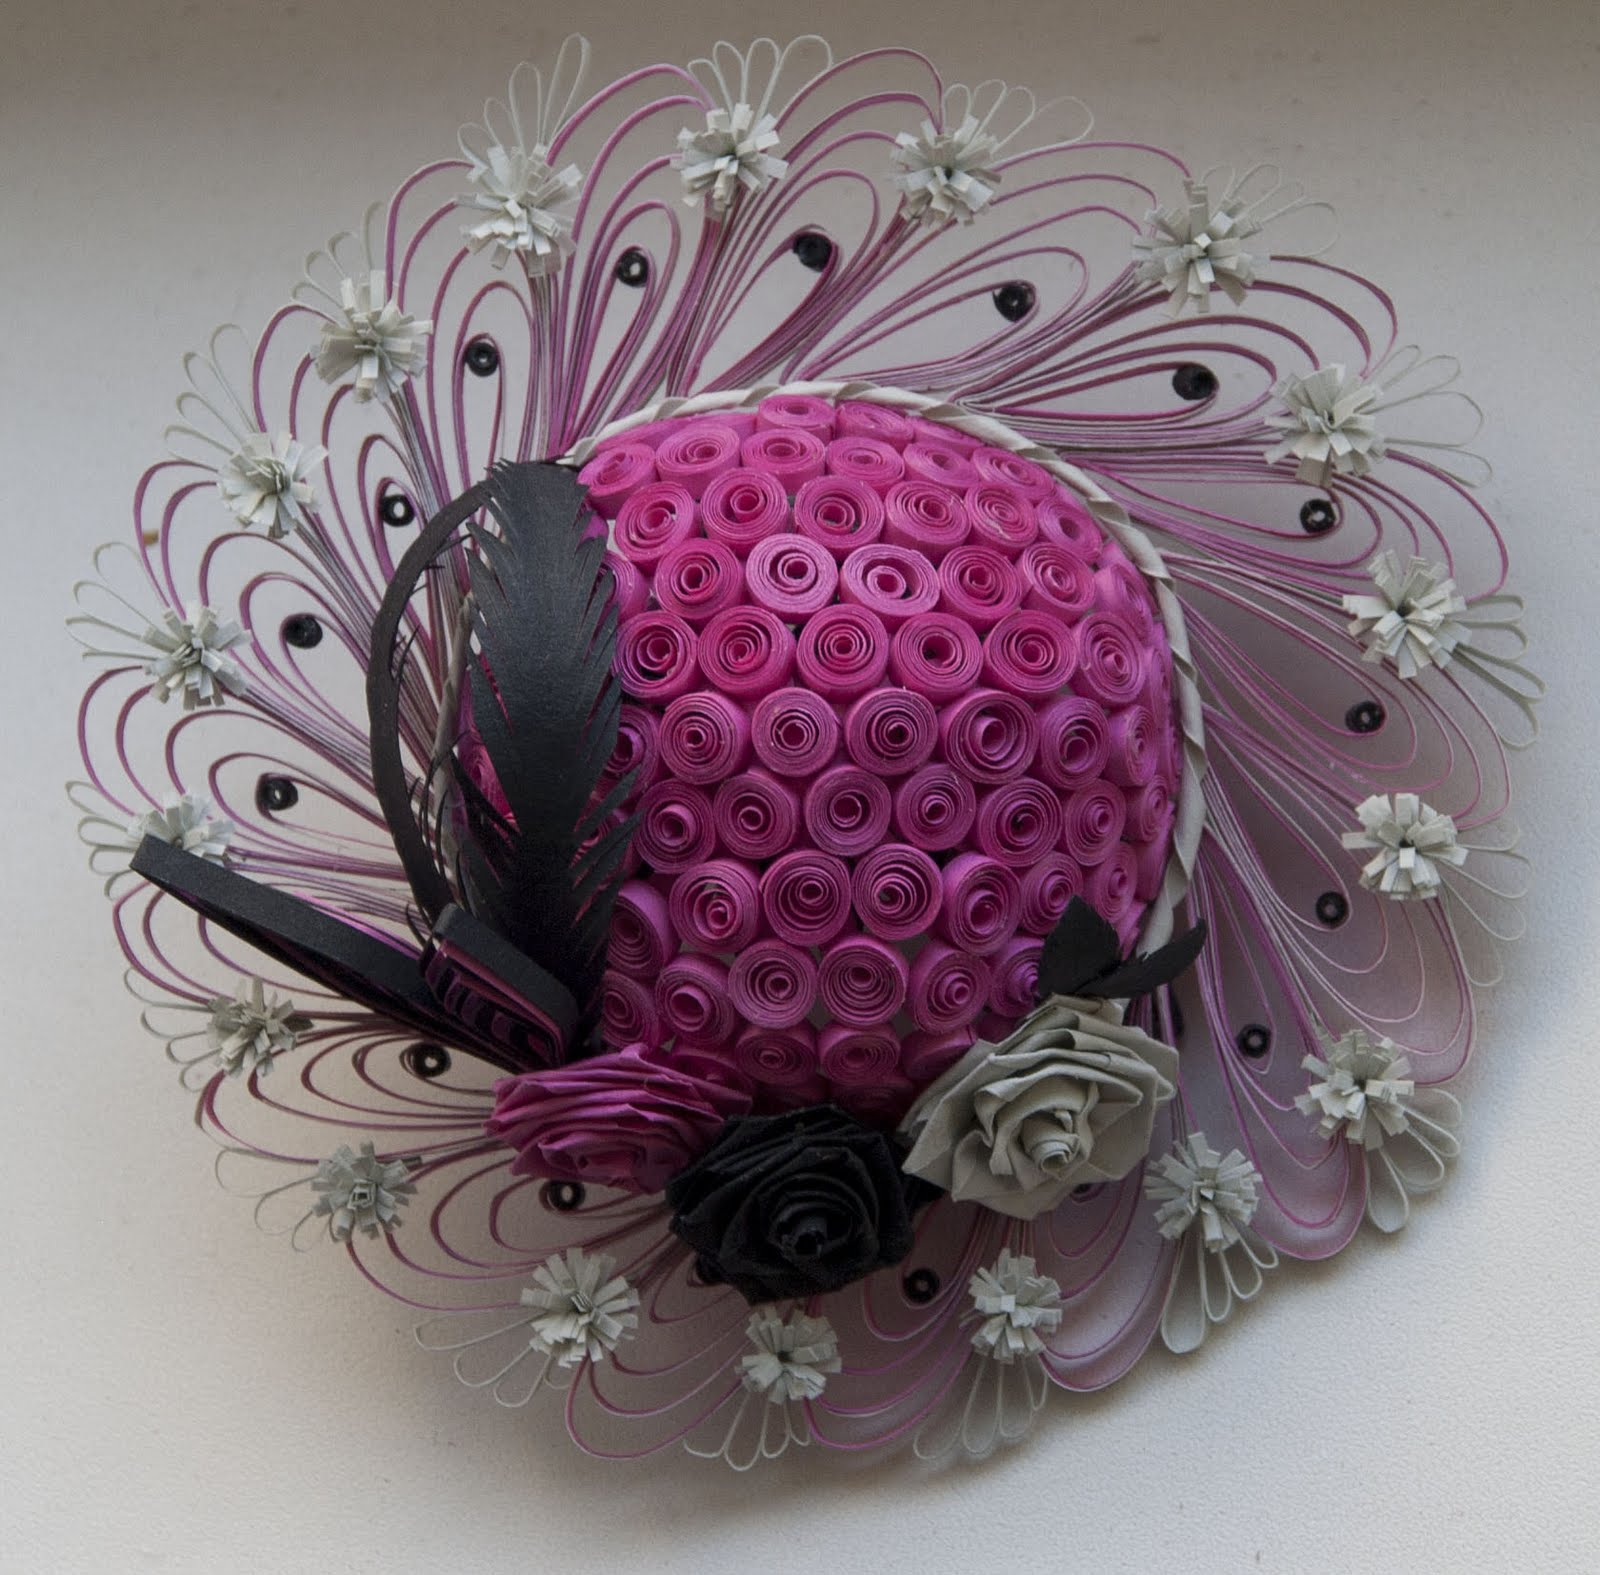 Neli Quilling Art: Quilling hat /10см,3,5см/ and hat rack